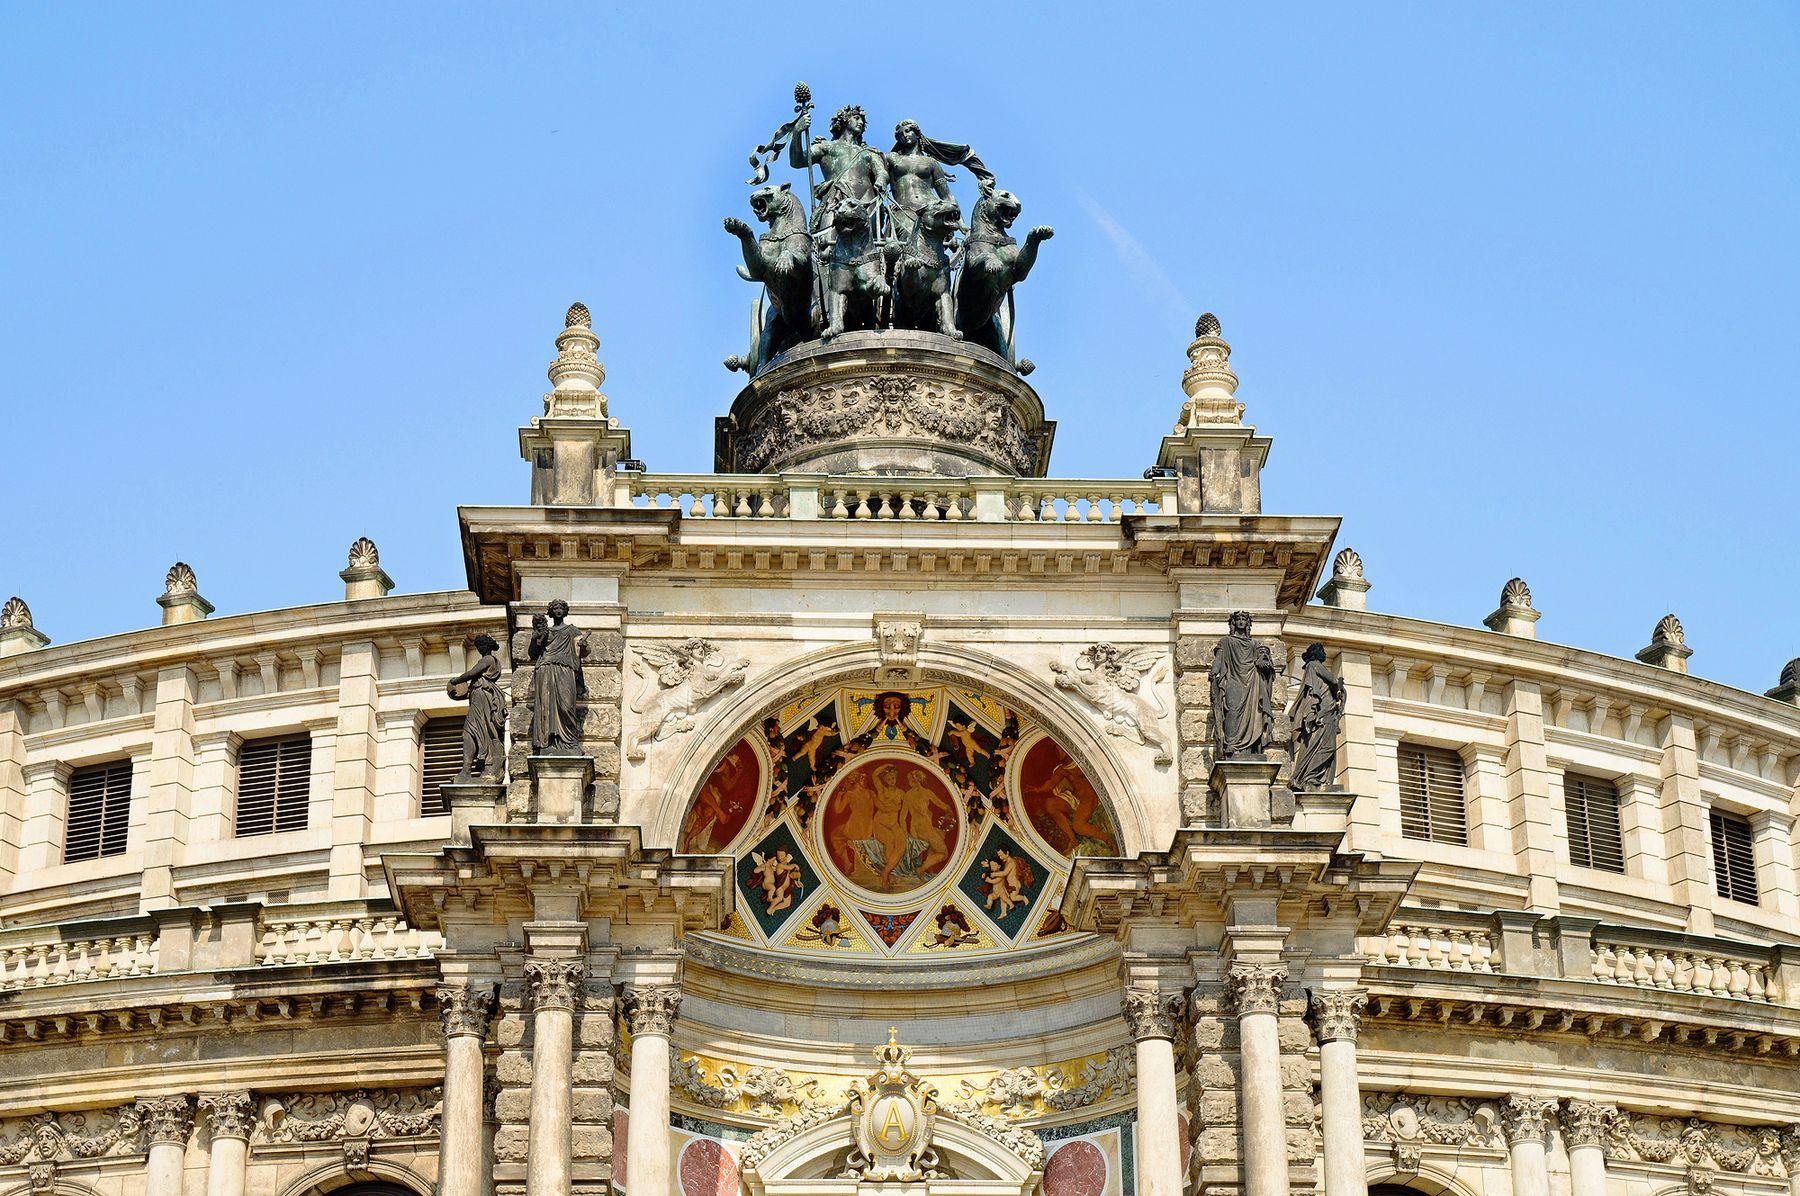 Дрезденская опера, верхняя часть здания.